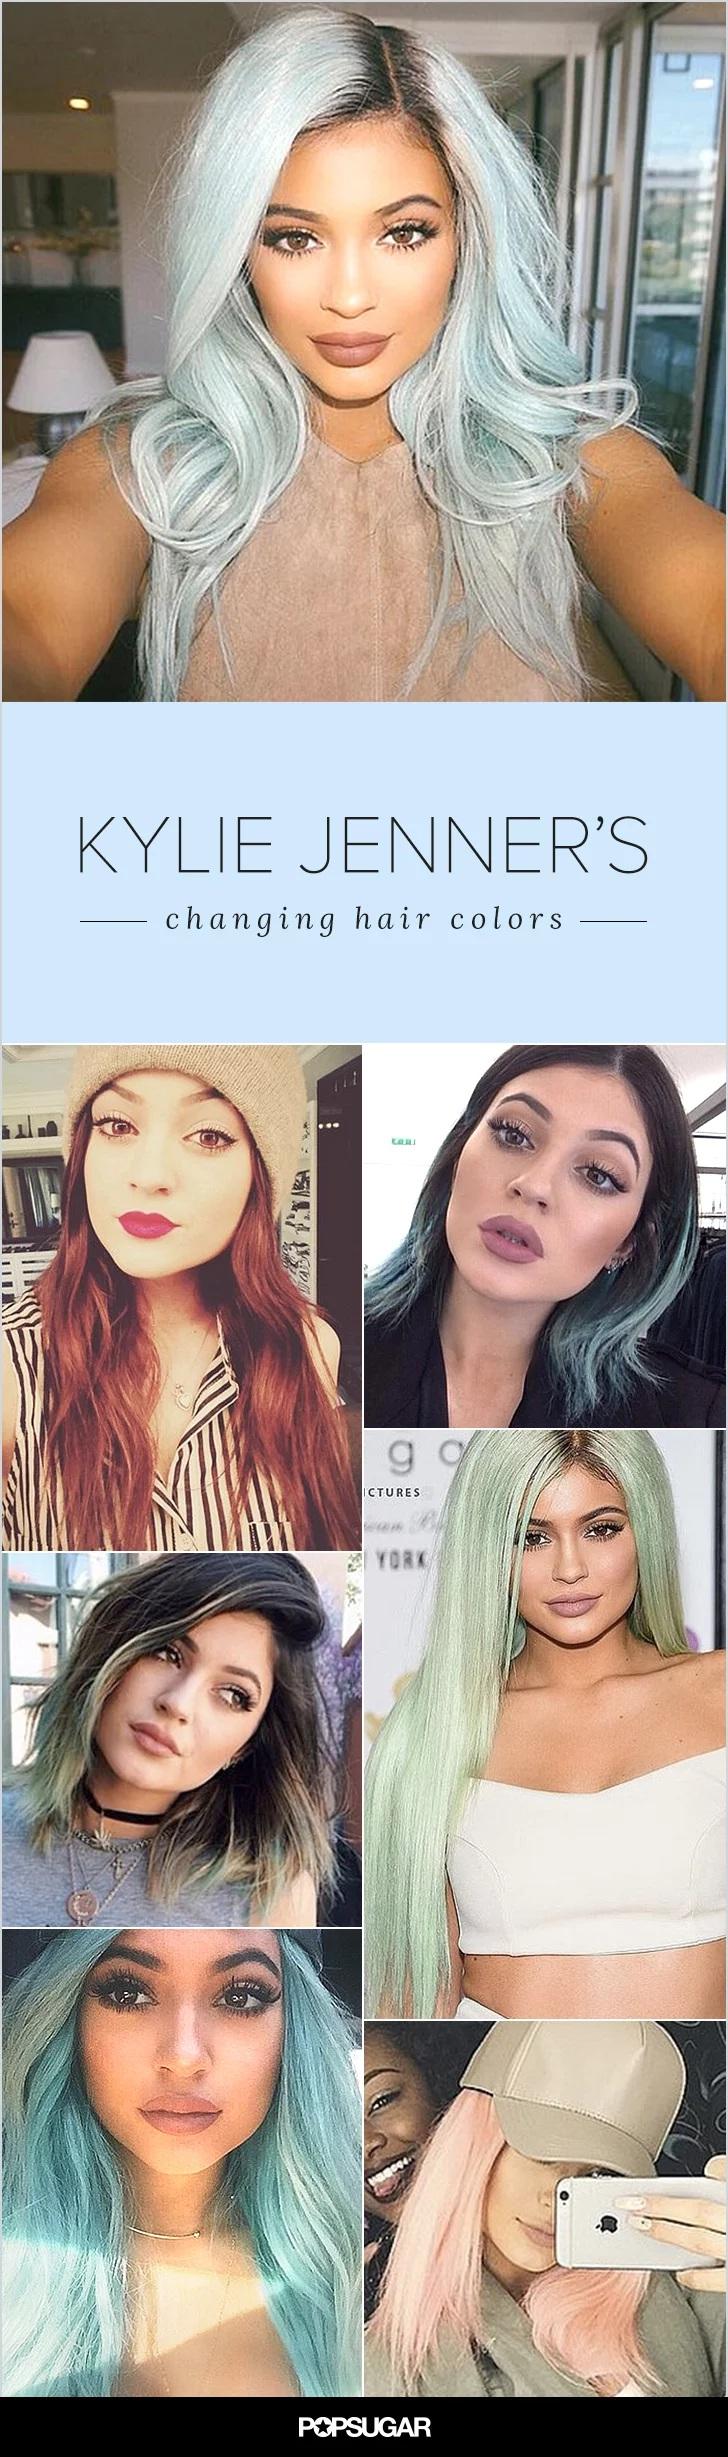 Couleur des cheveux Kylie Jenner  21